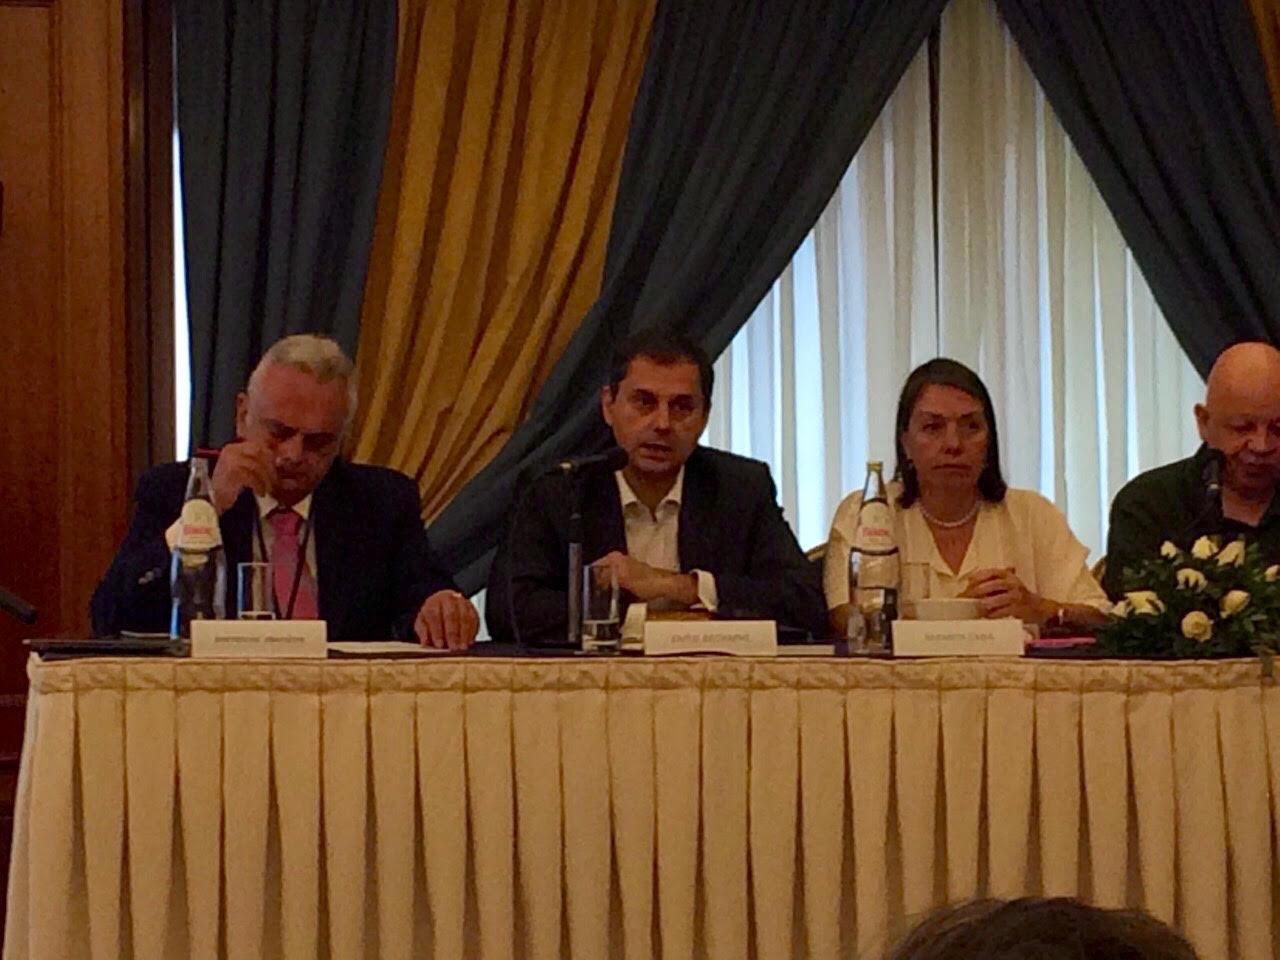 Συμμετοχή Χ.Θεοχάρη στο πλαίσιο του 4ου Τακτικού Συνεδρίου της «Δράσης» στη συζήτηση με θέμα «Μπορεί να ηττηθεί ο κρατισμός στην Ελλάδα;».